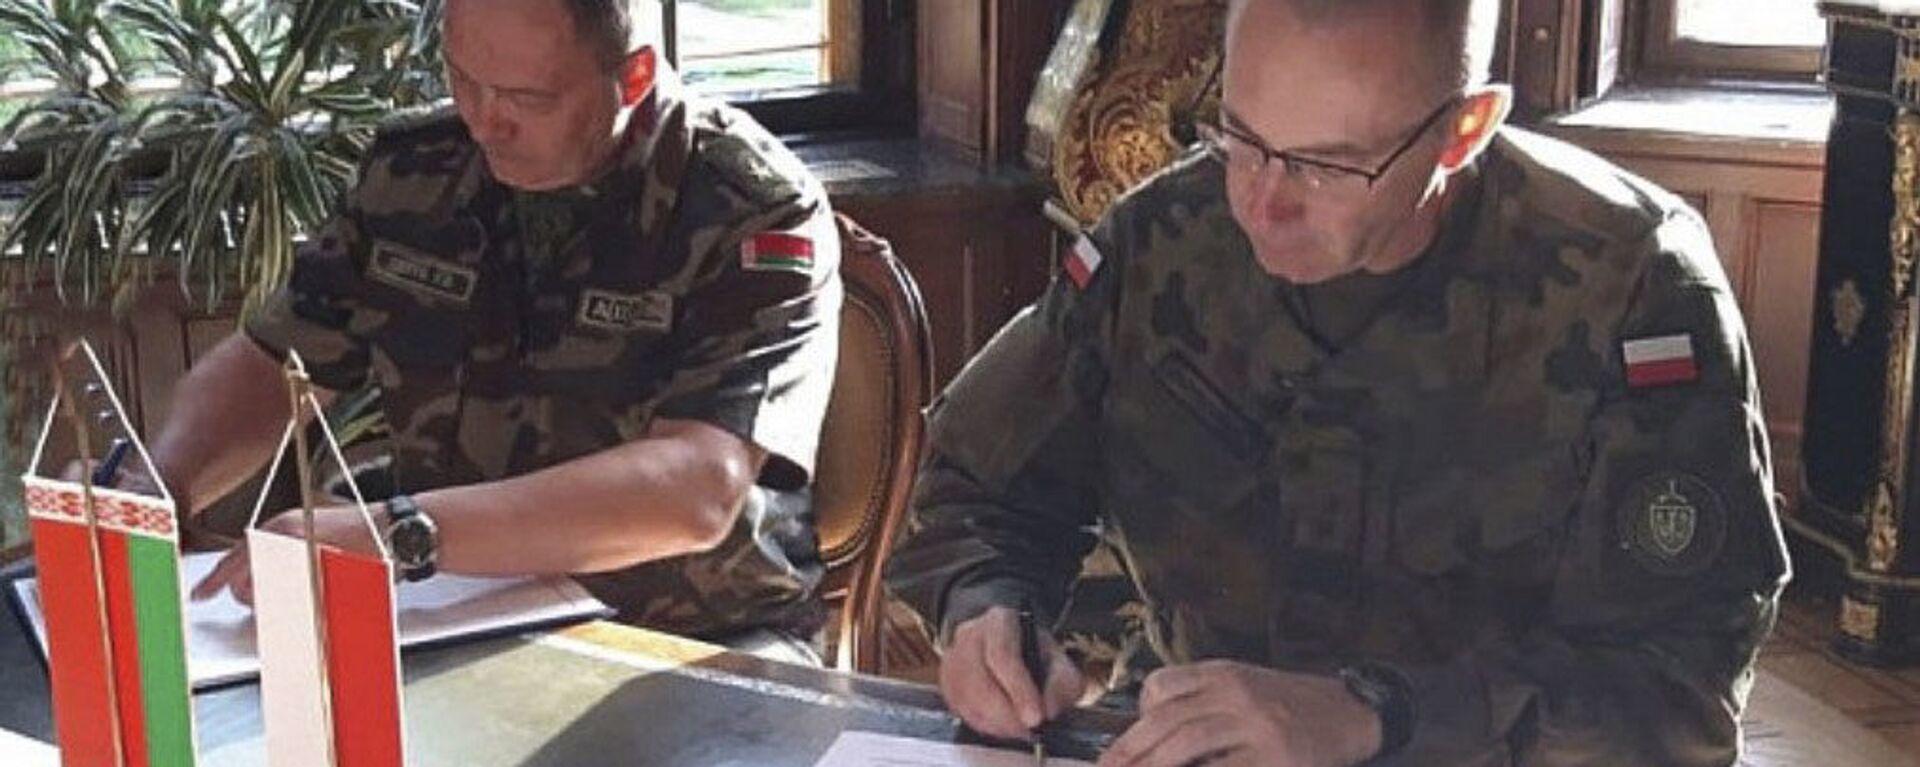 Dowódca Sił Powietrznych Białorusi generał Igor Gołub na podpisaniu umowy przewidującej wymianę informacji na temat sytuacji powietrznej w pobliżu wspólnej granicy państwowej między Białorusią a Polską - Sputnik Polska, 1920, 30.08.2021